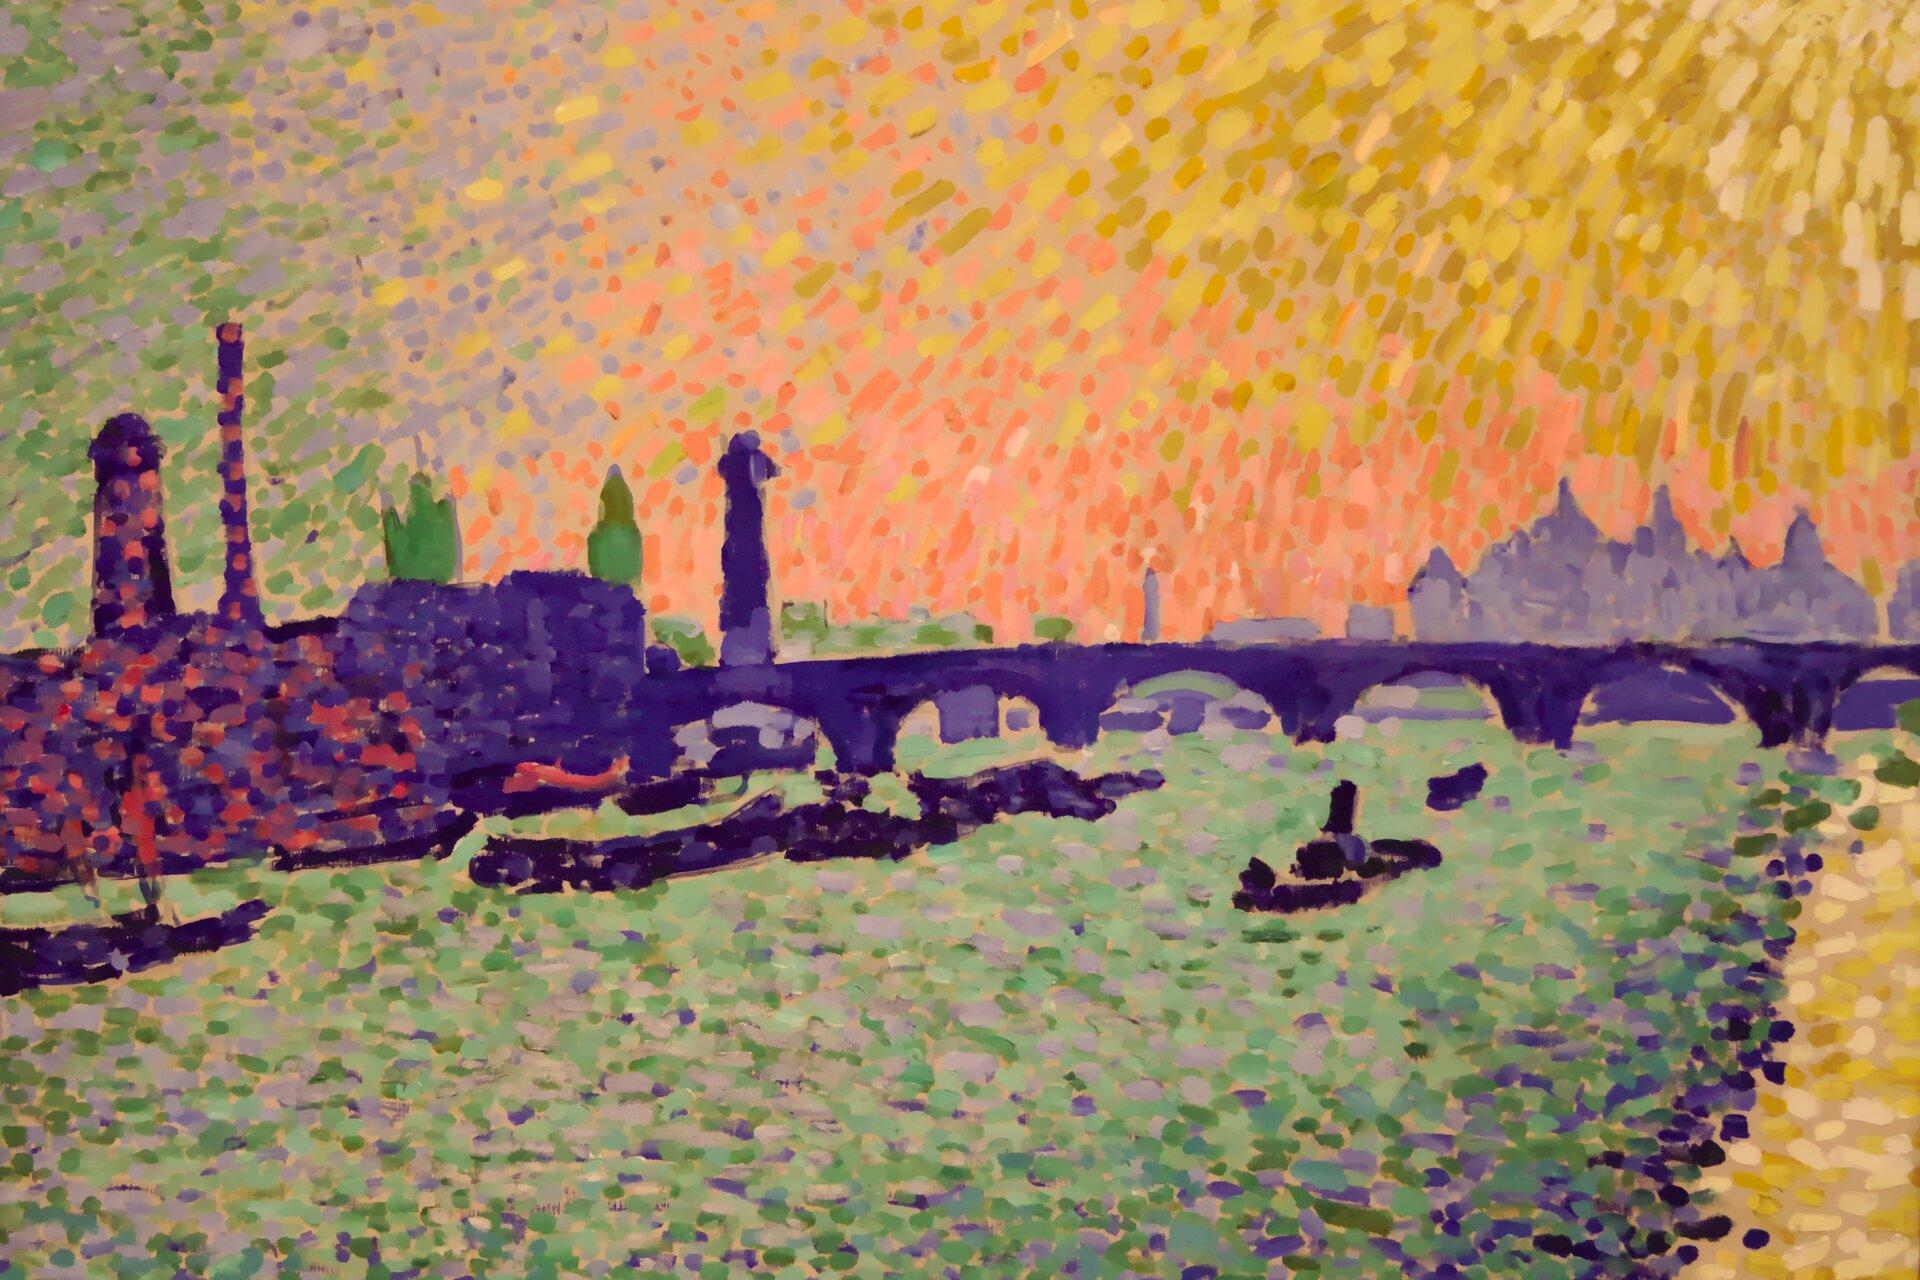 """Ilustracja przedstawia obraz André Deraina """"Most Waterloo"""". Dzieło ukazuje londyński krajobraz zTamizą imostem Waterloo, widzianymi znabrzeża Wiktorii. Na obrazie znajduje się także budynek parlamentu, przemysłowa zabudowa, barki oraz łodzie. Kolory użyte przez Deraina są całkowicie oderwane od naturalistycznego wyglądu. Na przykład ciemnozielona lokomotywa znajduje się na purpurowym moście pod łososiowo różowym niebem, podczas gdy rzeka faluje zakcentami jasnej zieleni, fioletu iszmaragdu. Kolory zostały nałożone techniką pointylistyczną czyli namalowane za pomocą naniesionych pędzlem punktów."""